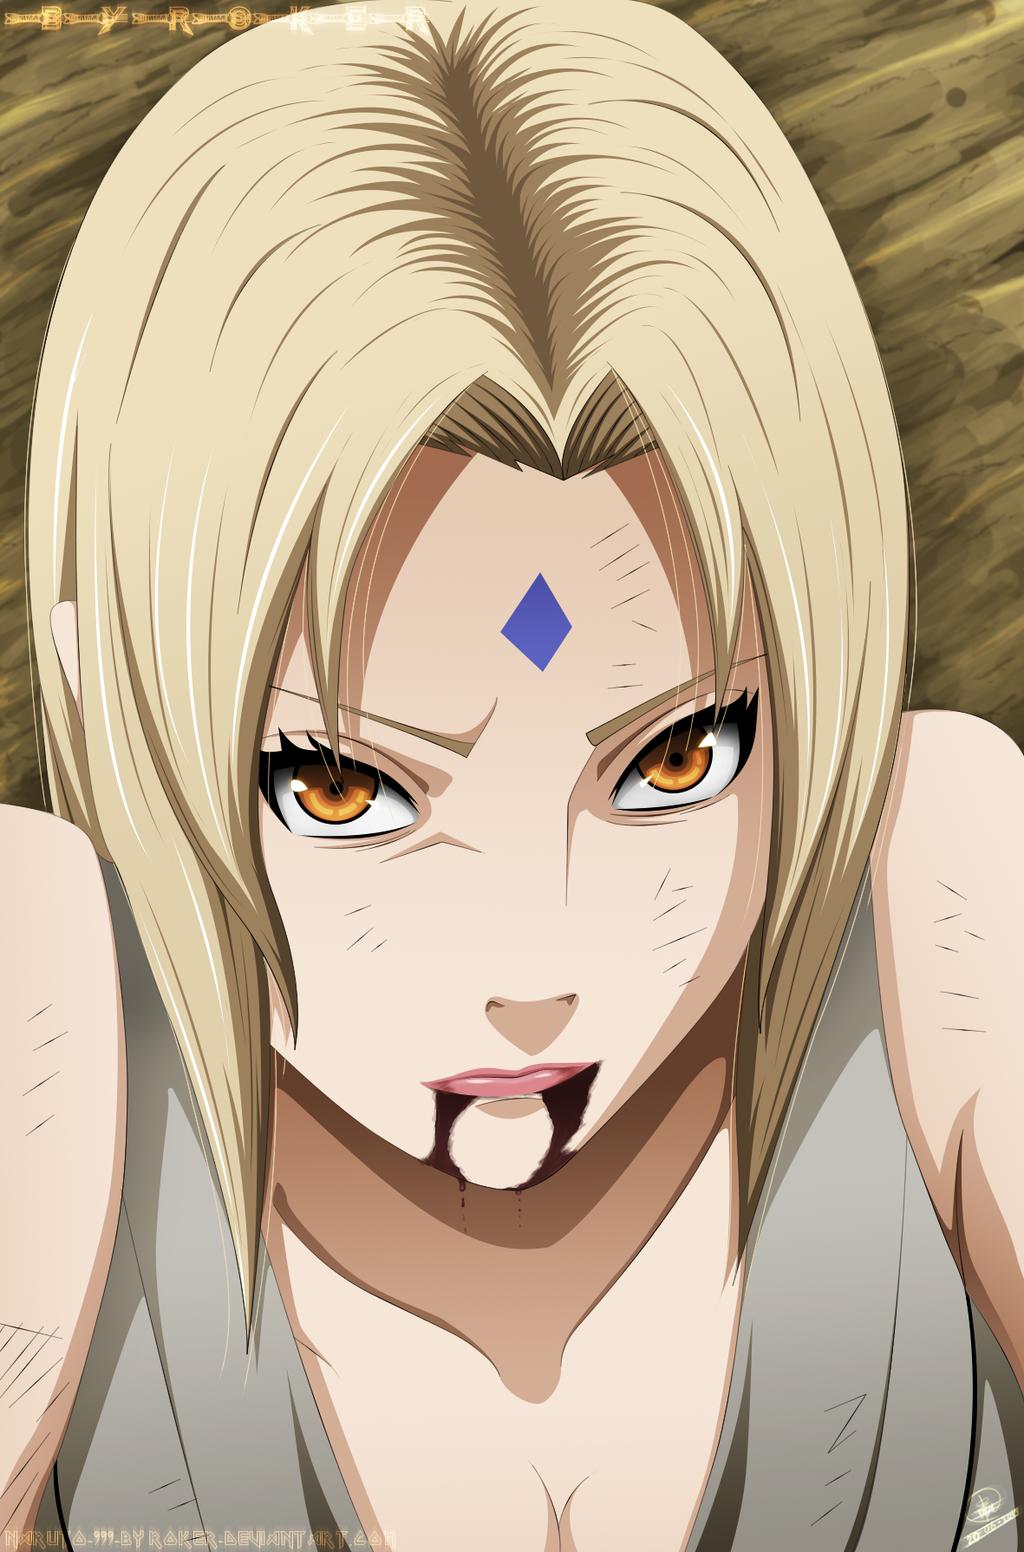 tsunade fanart | Naruto shuppuden, Kunoichi naruto, Naruto